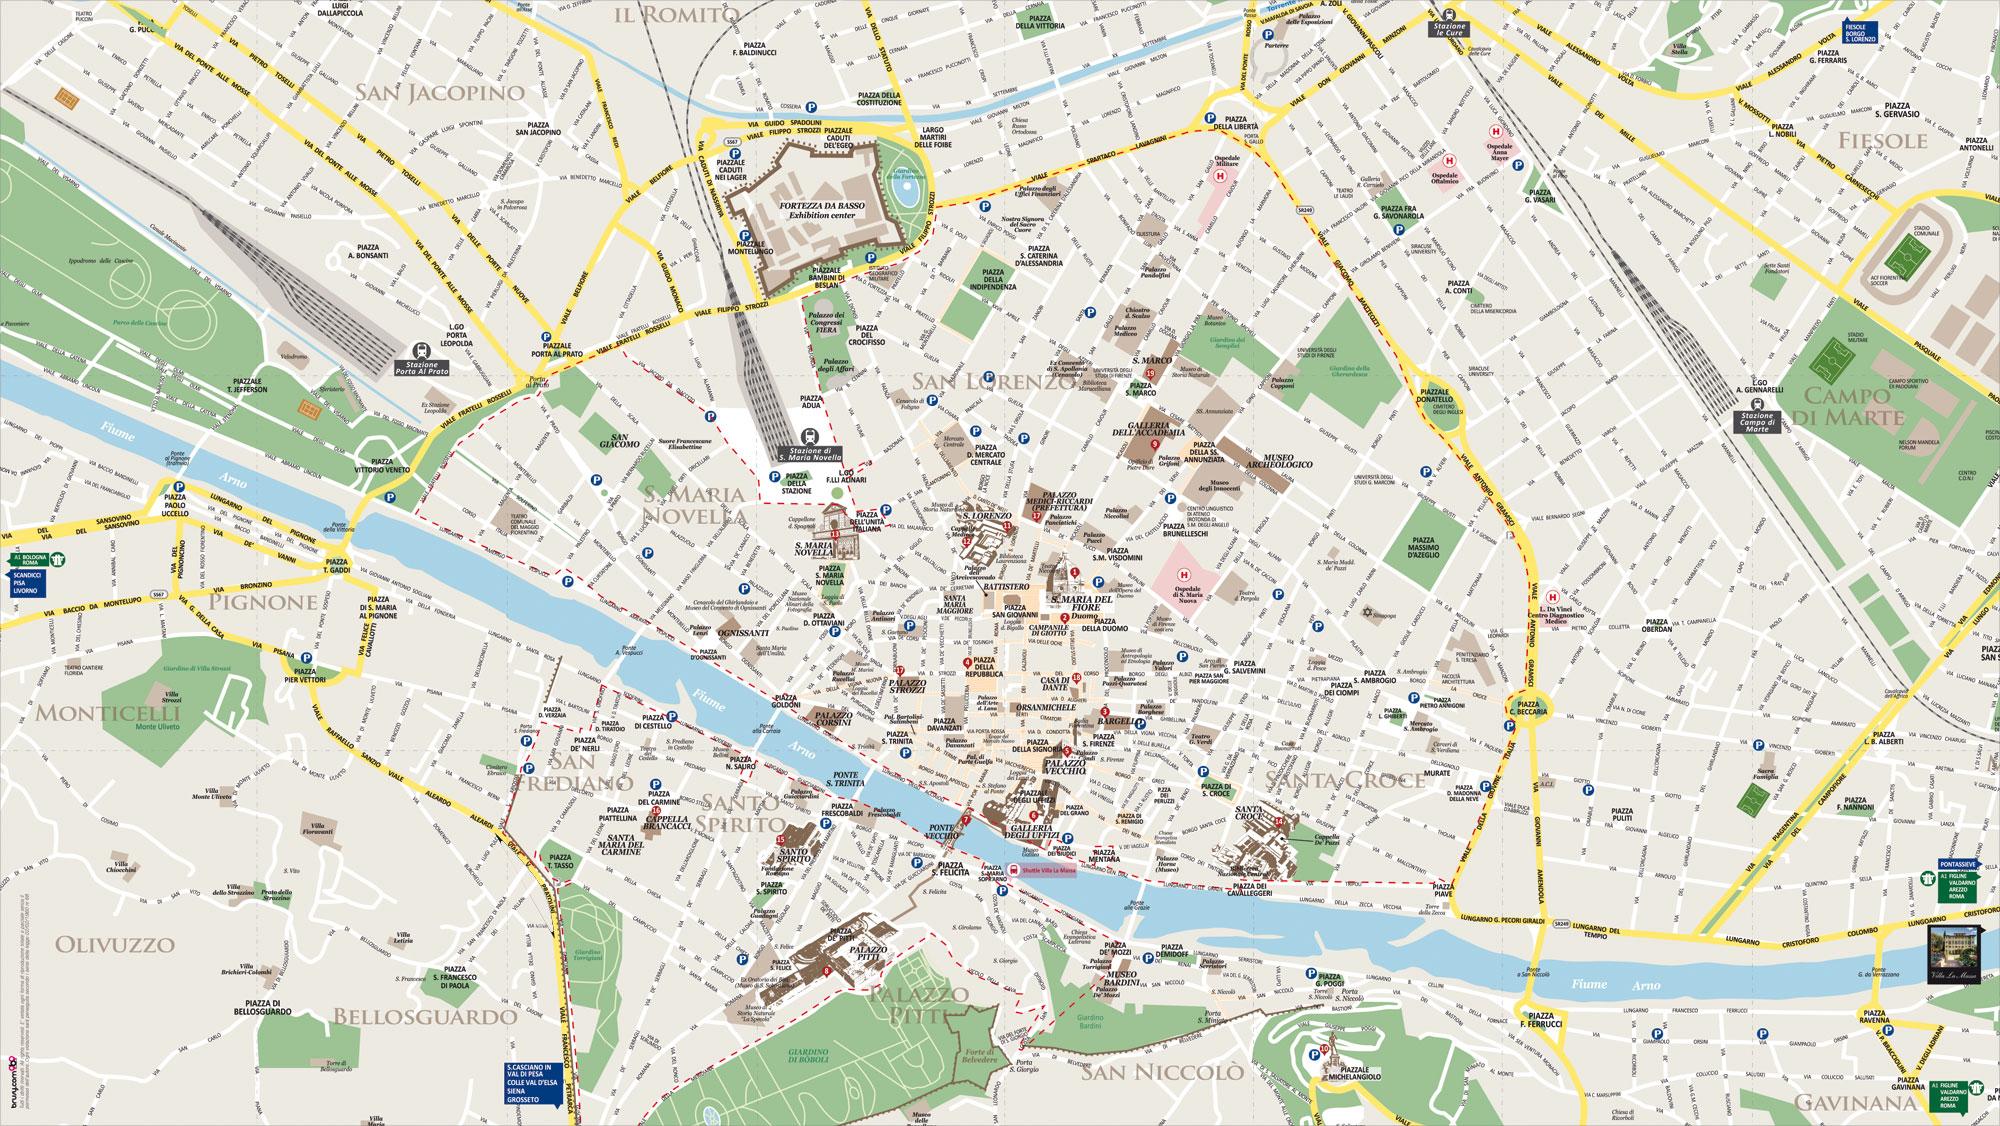 Mappa Tascabile Villa La Massa Hotel Firenze